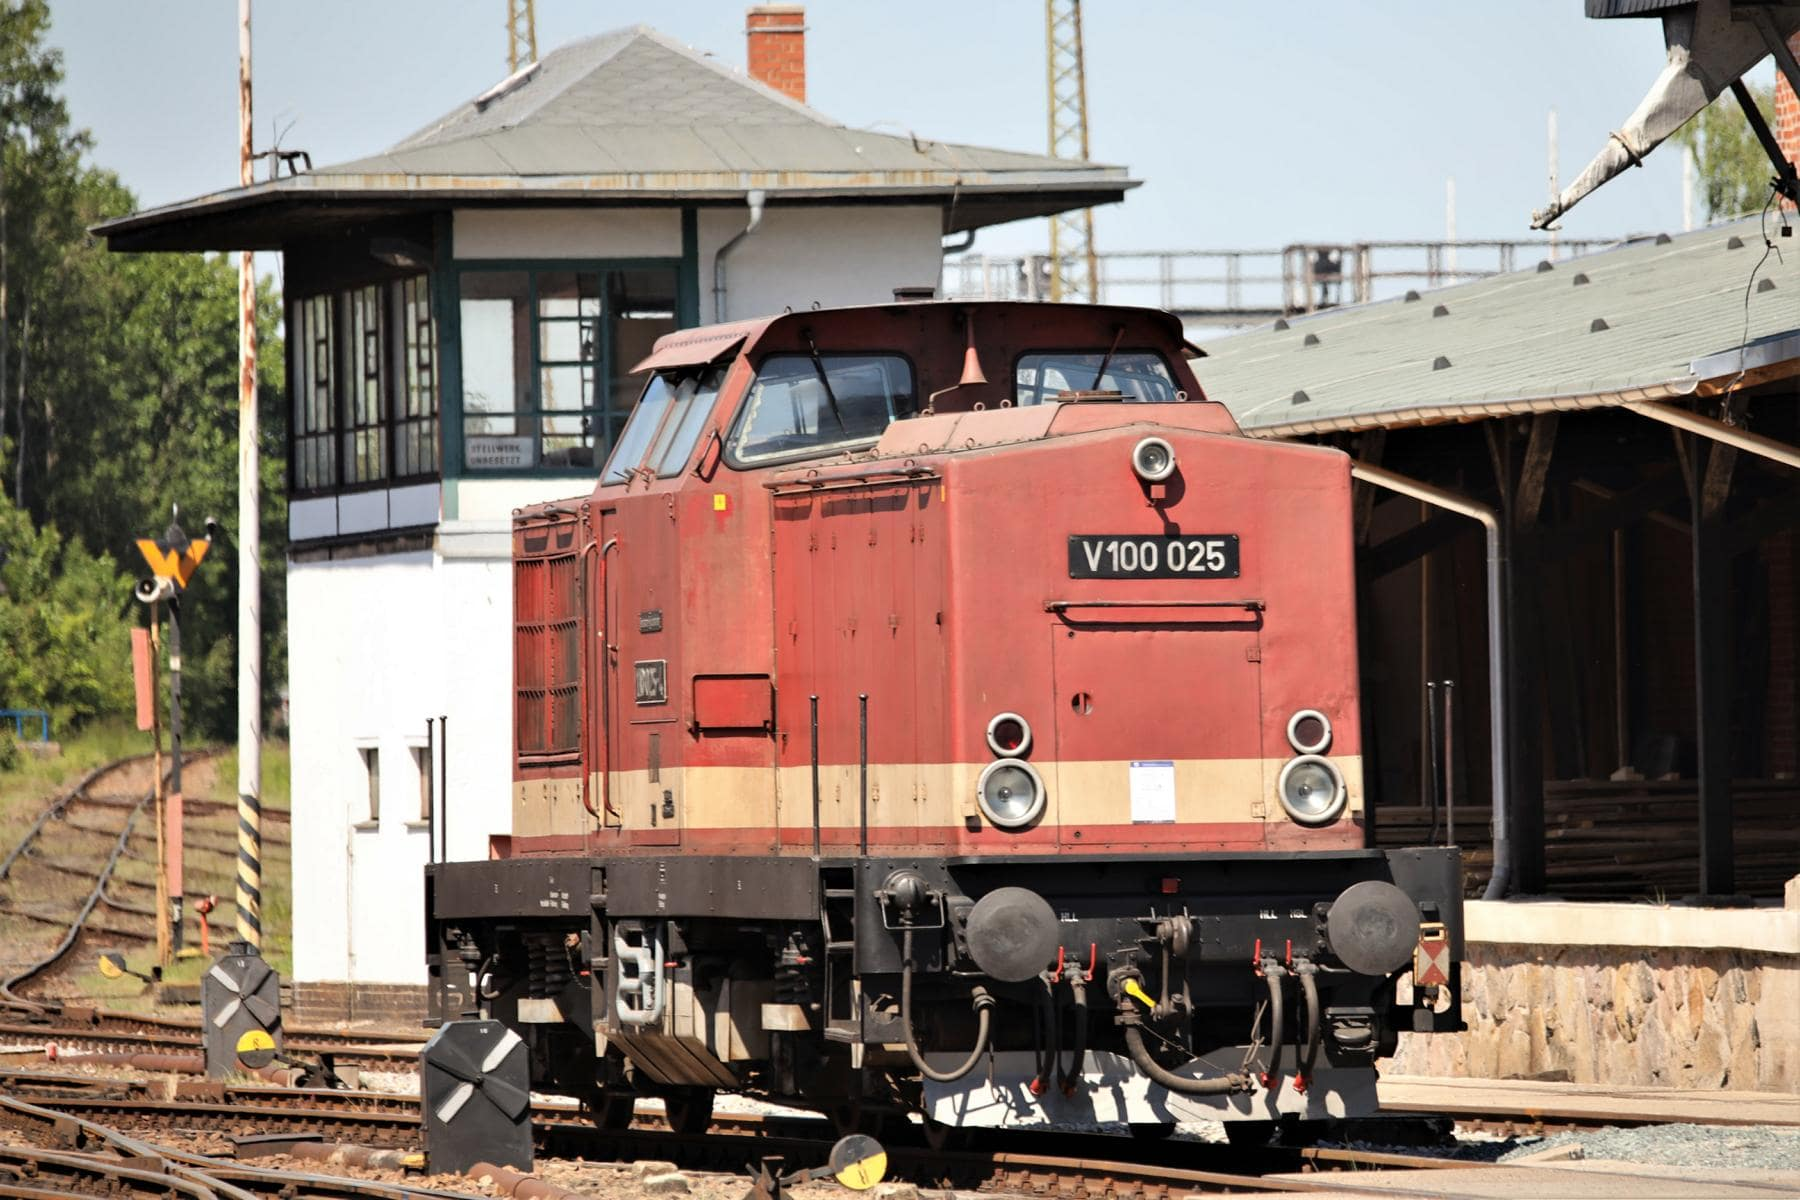 ©Foto: Christian Wodzinski | railmen | Vierachsige Universallokomotive der V100-Serie – 1967 an die Deutsche Reichsbahn geliefert und an das Bahnbetriebswerk Karl-Marx-Stadt übergeben.